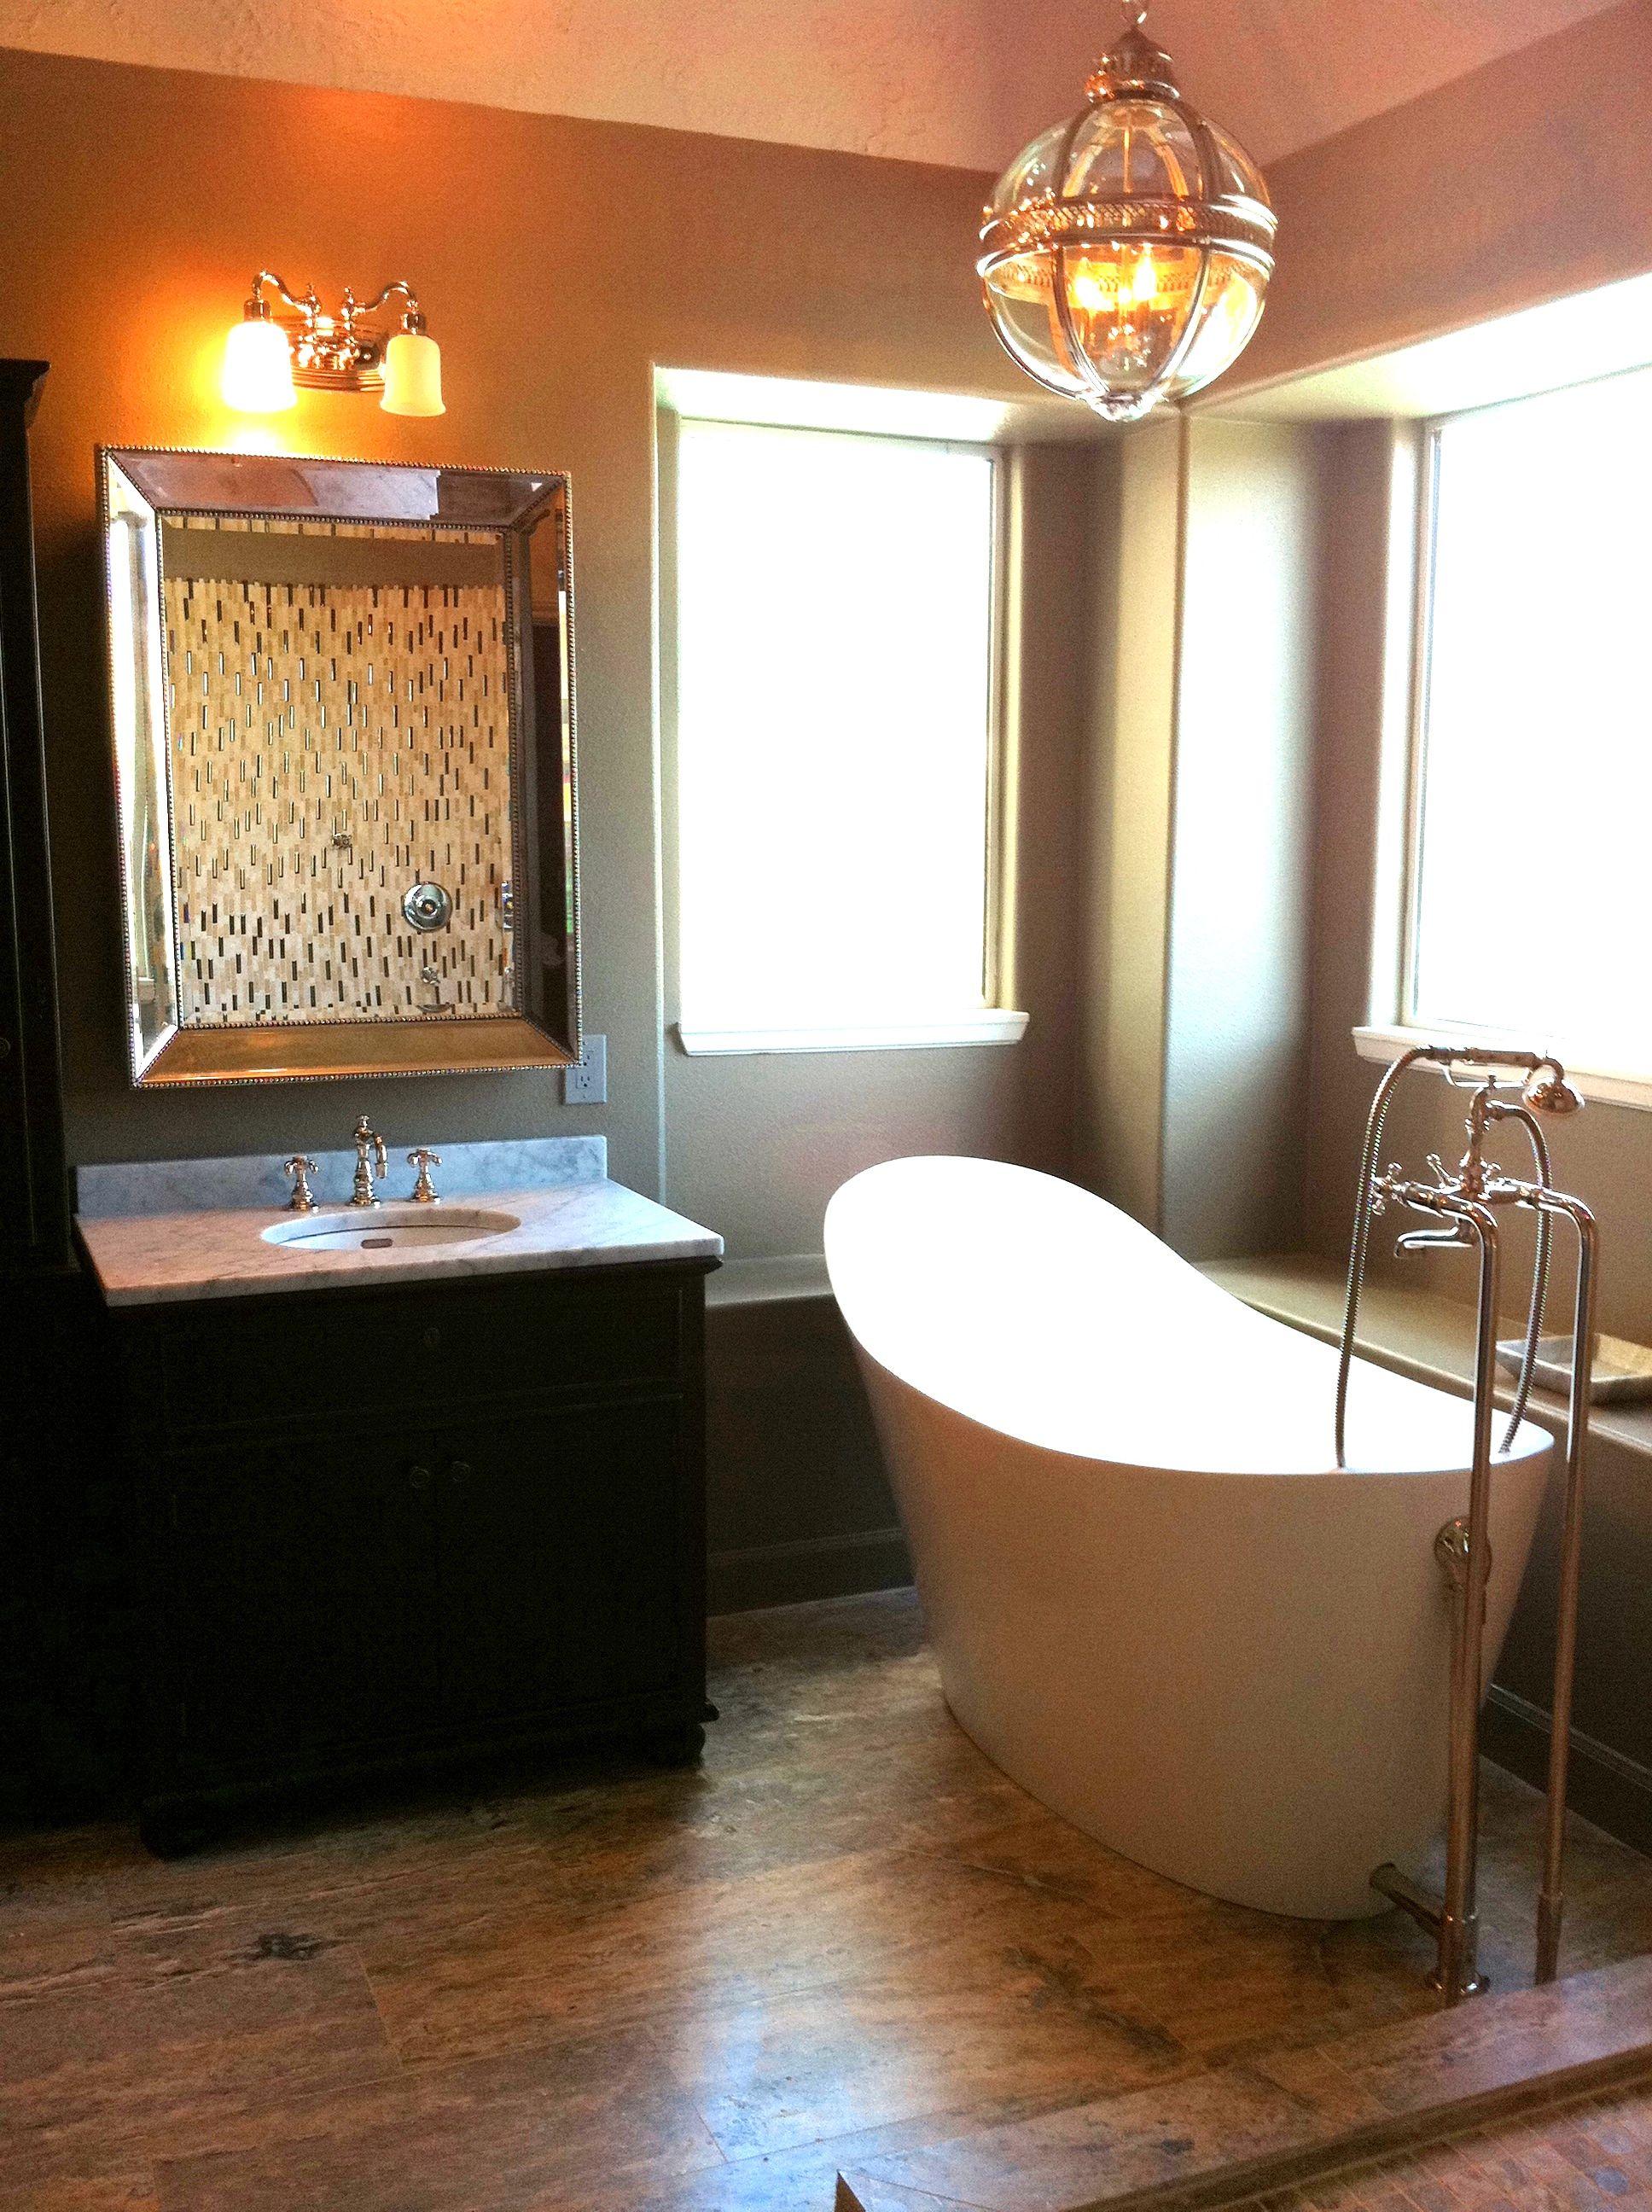 Bath tub remodel